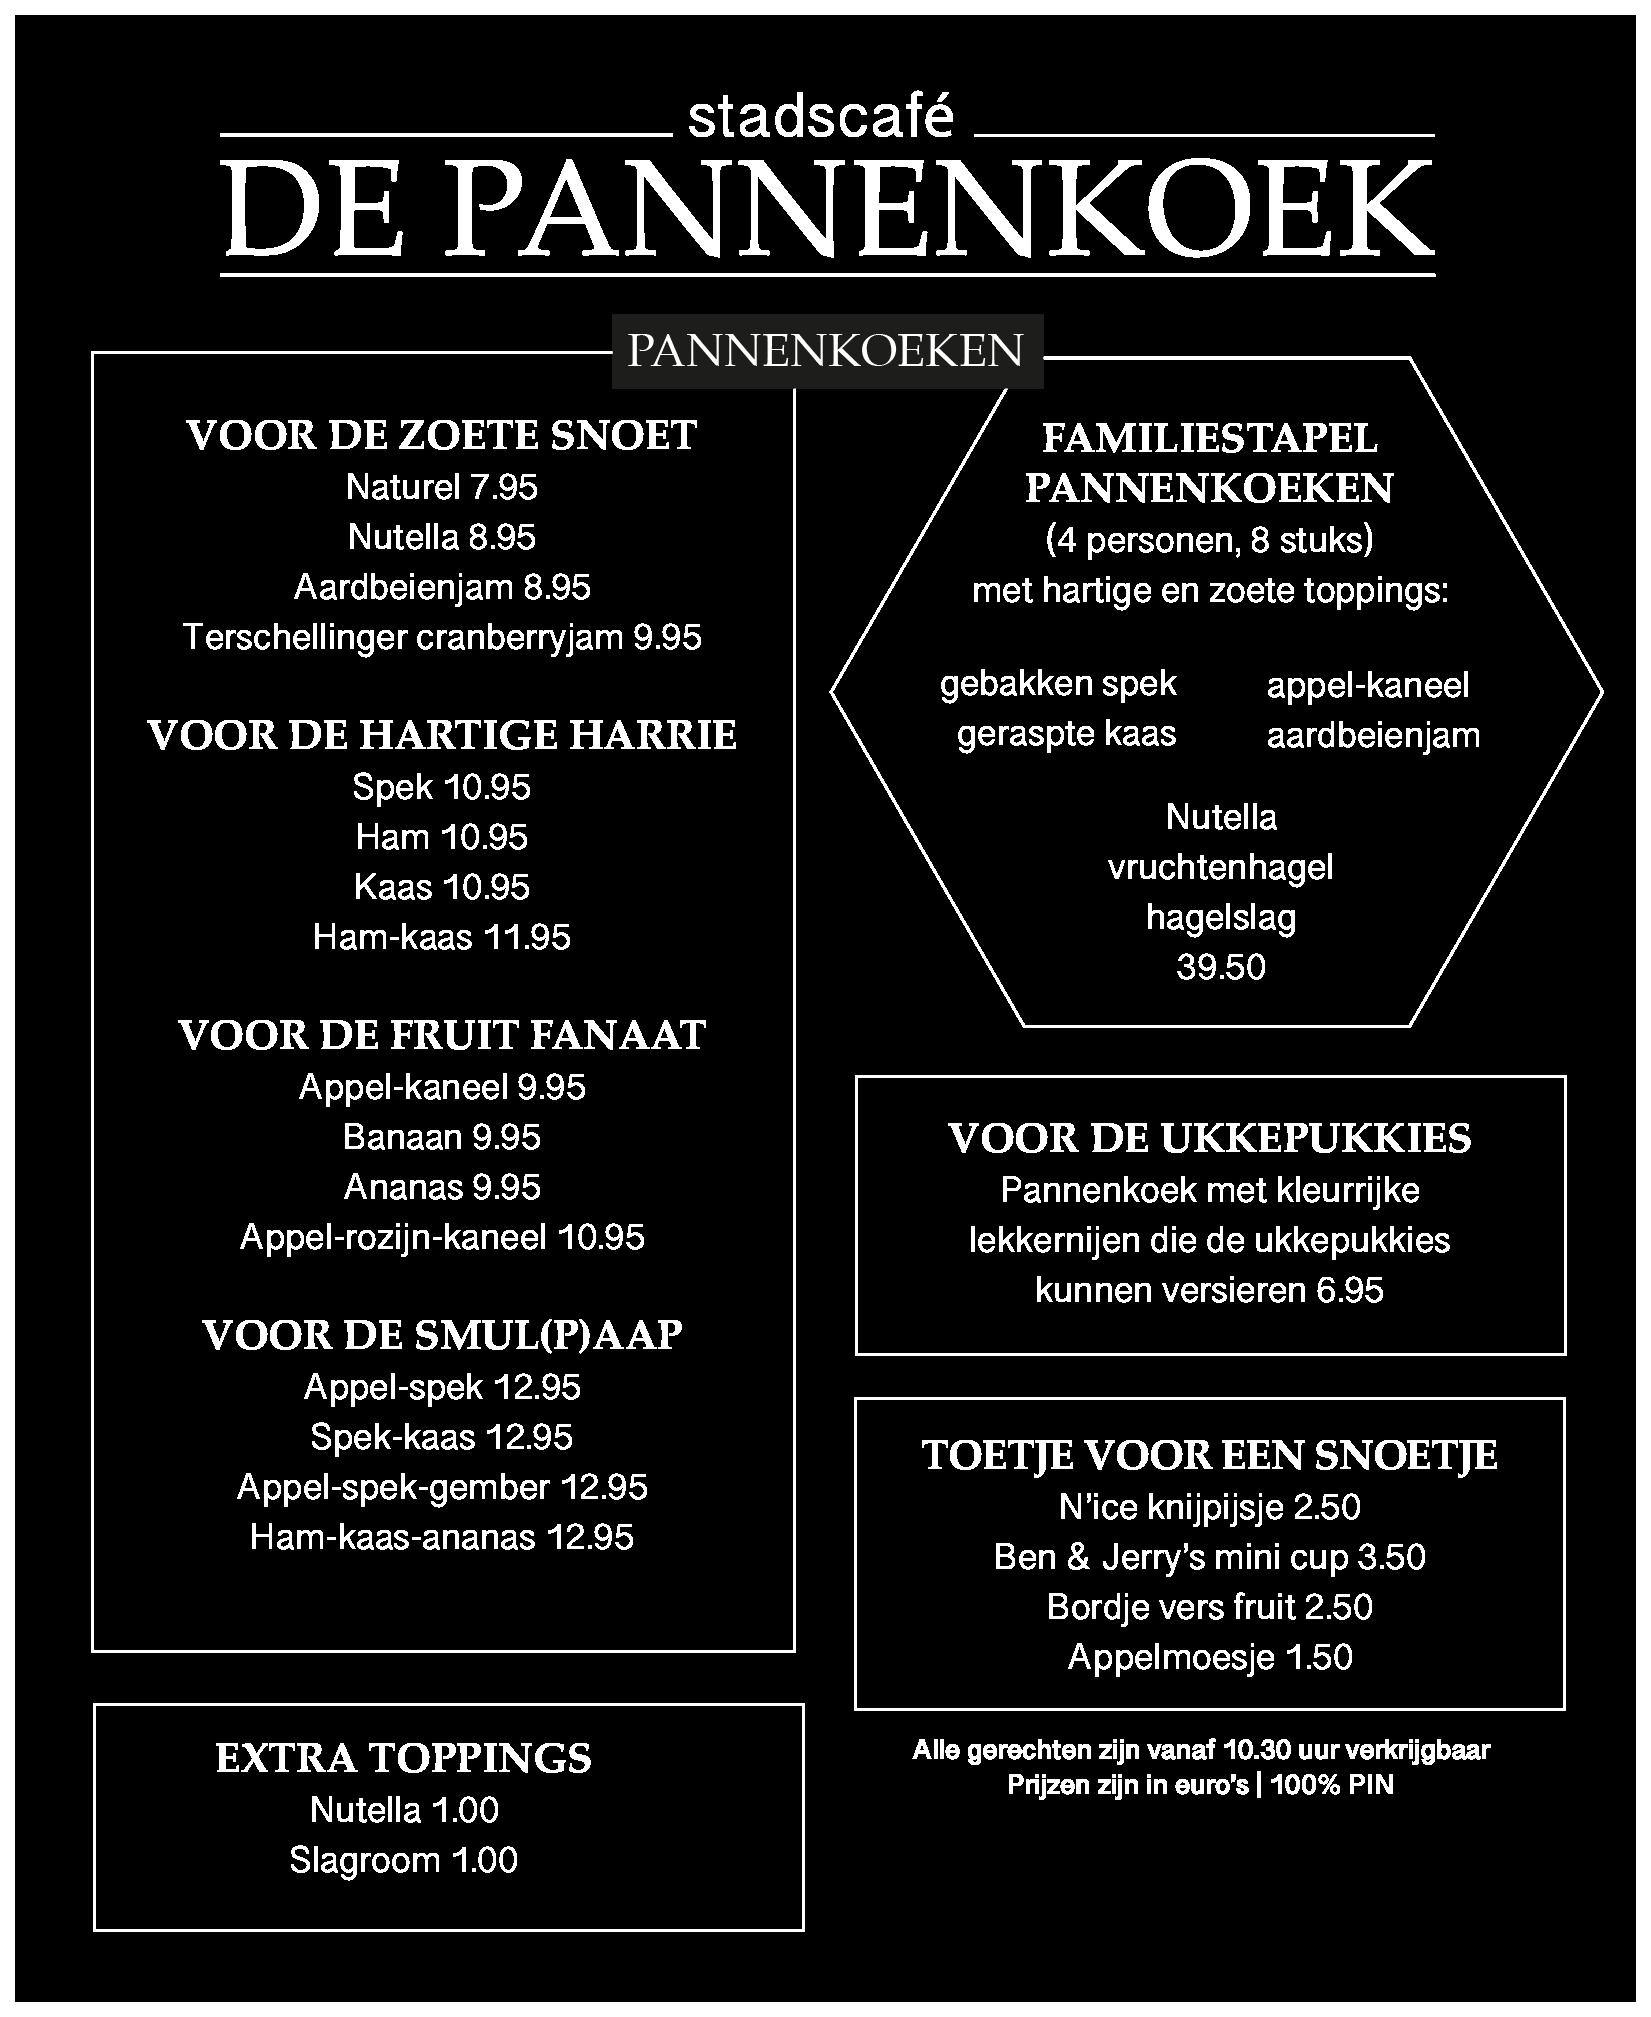 Menukaart pannenkoeken - stadscafé De Pannenkoek